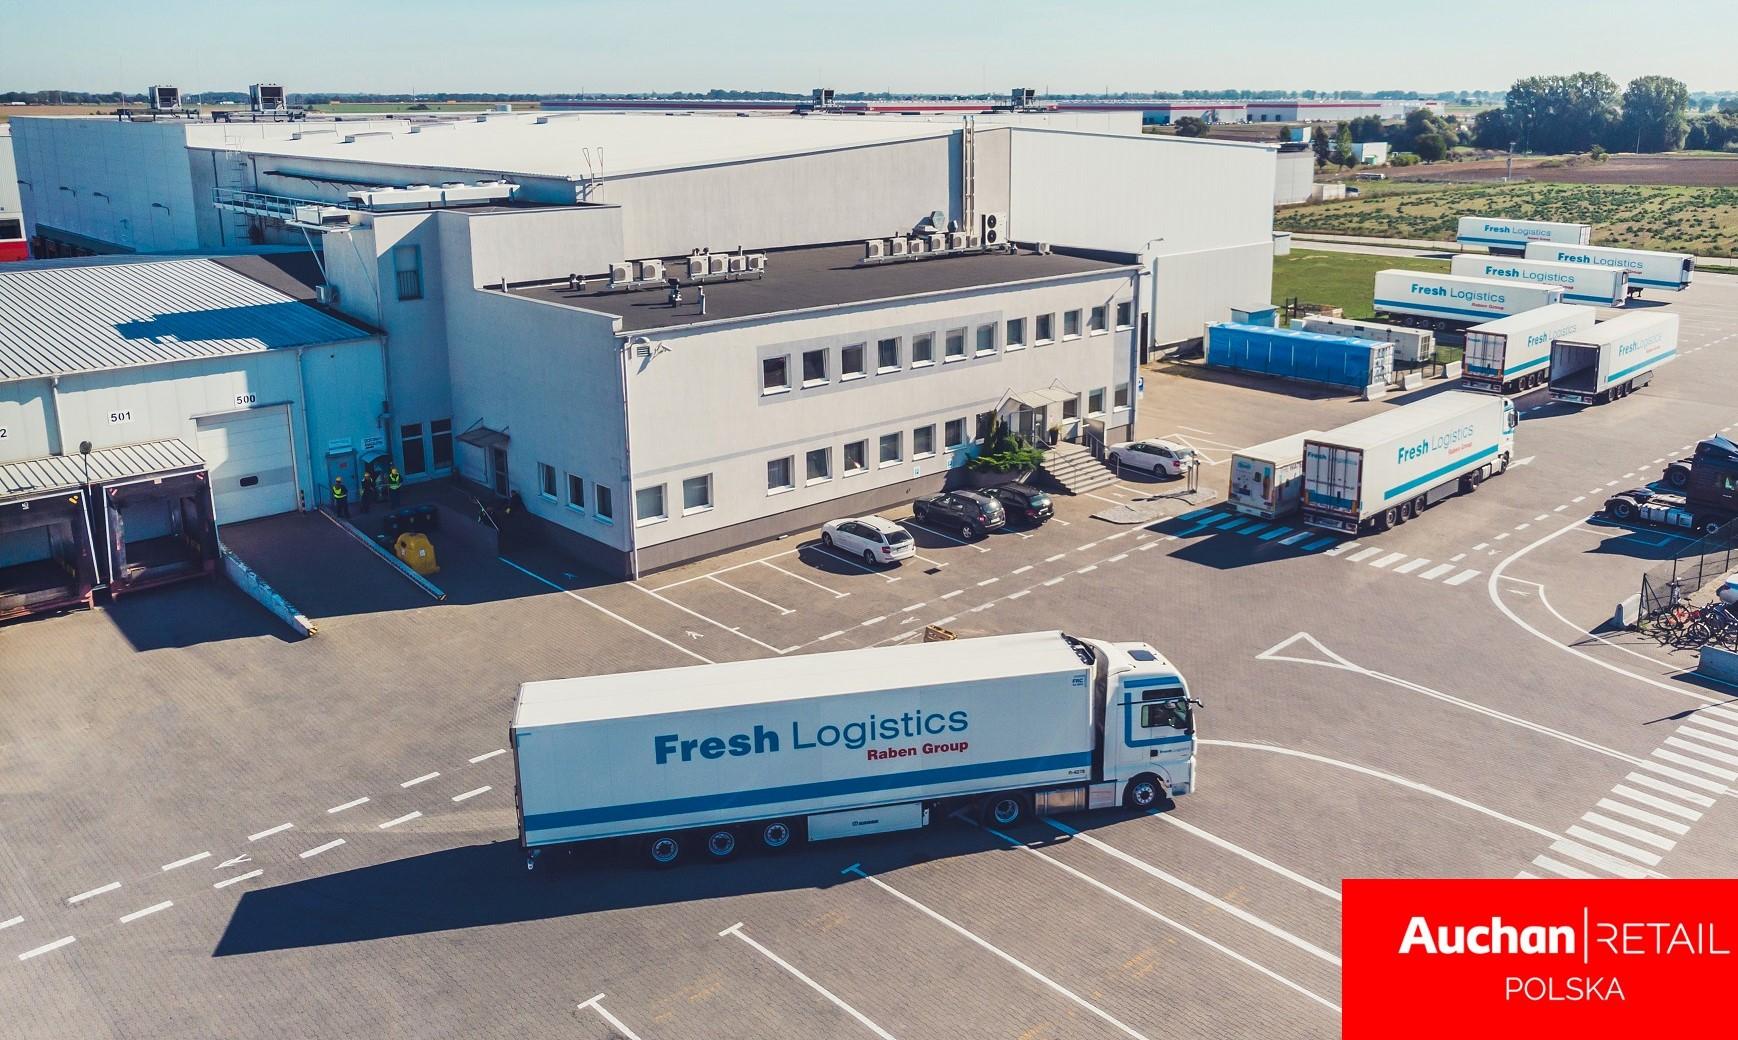 Auchan wdraża nową strategię w zakresie supply chain i logistyki